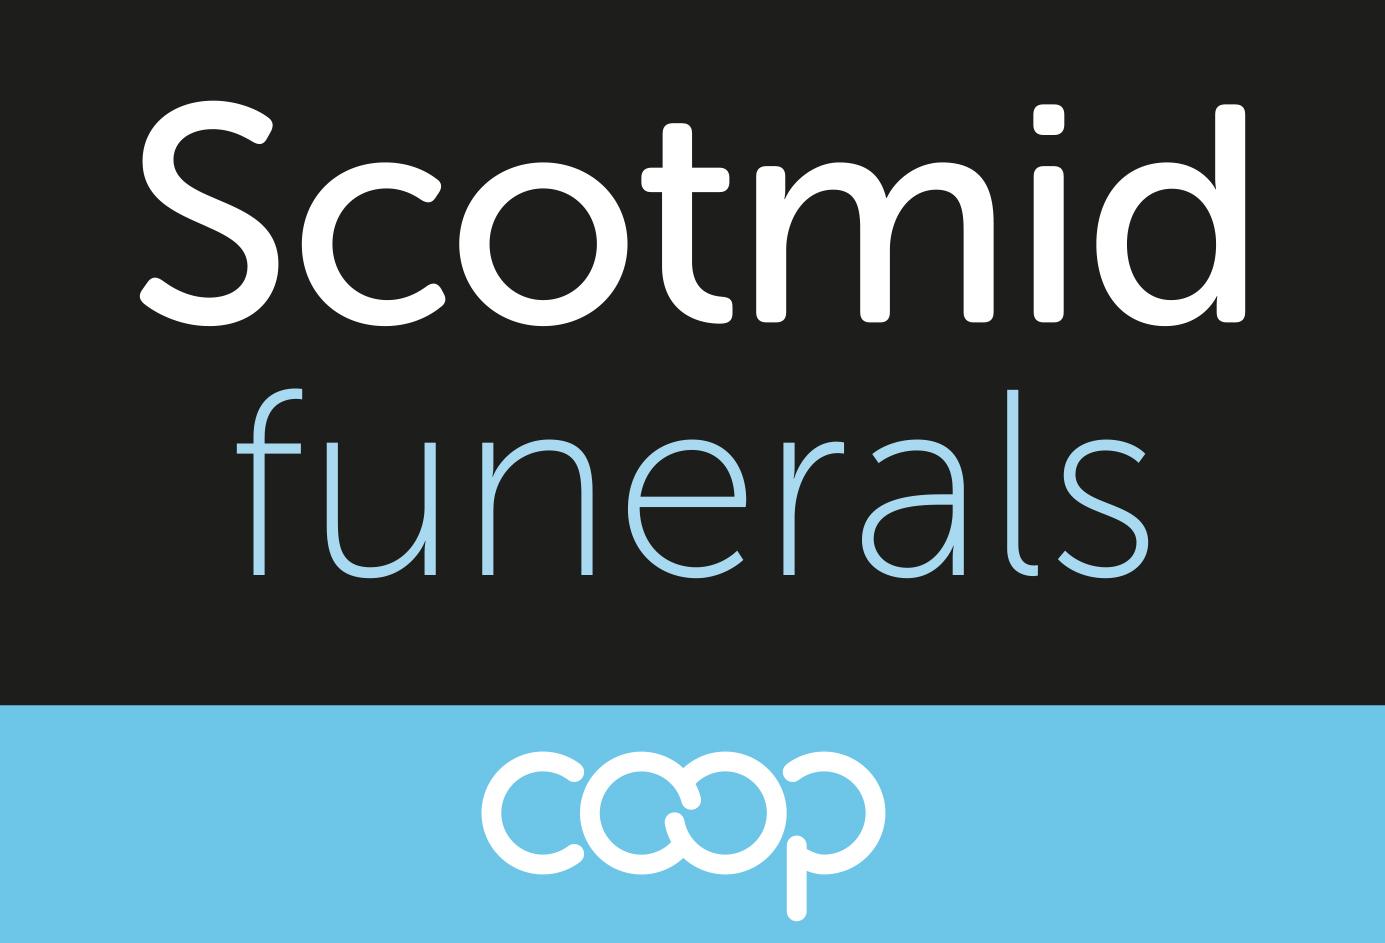 Scotmid Funerals